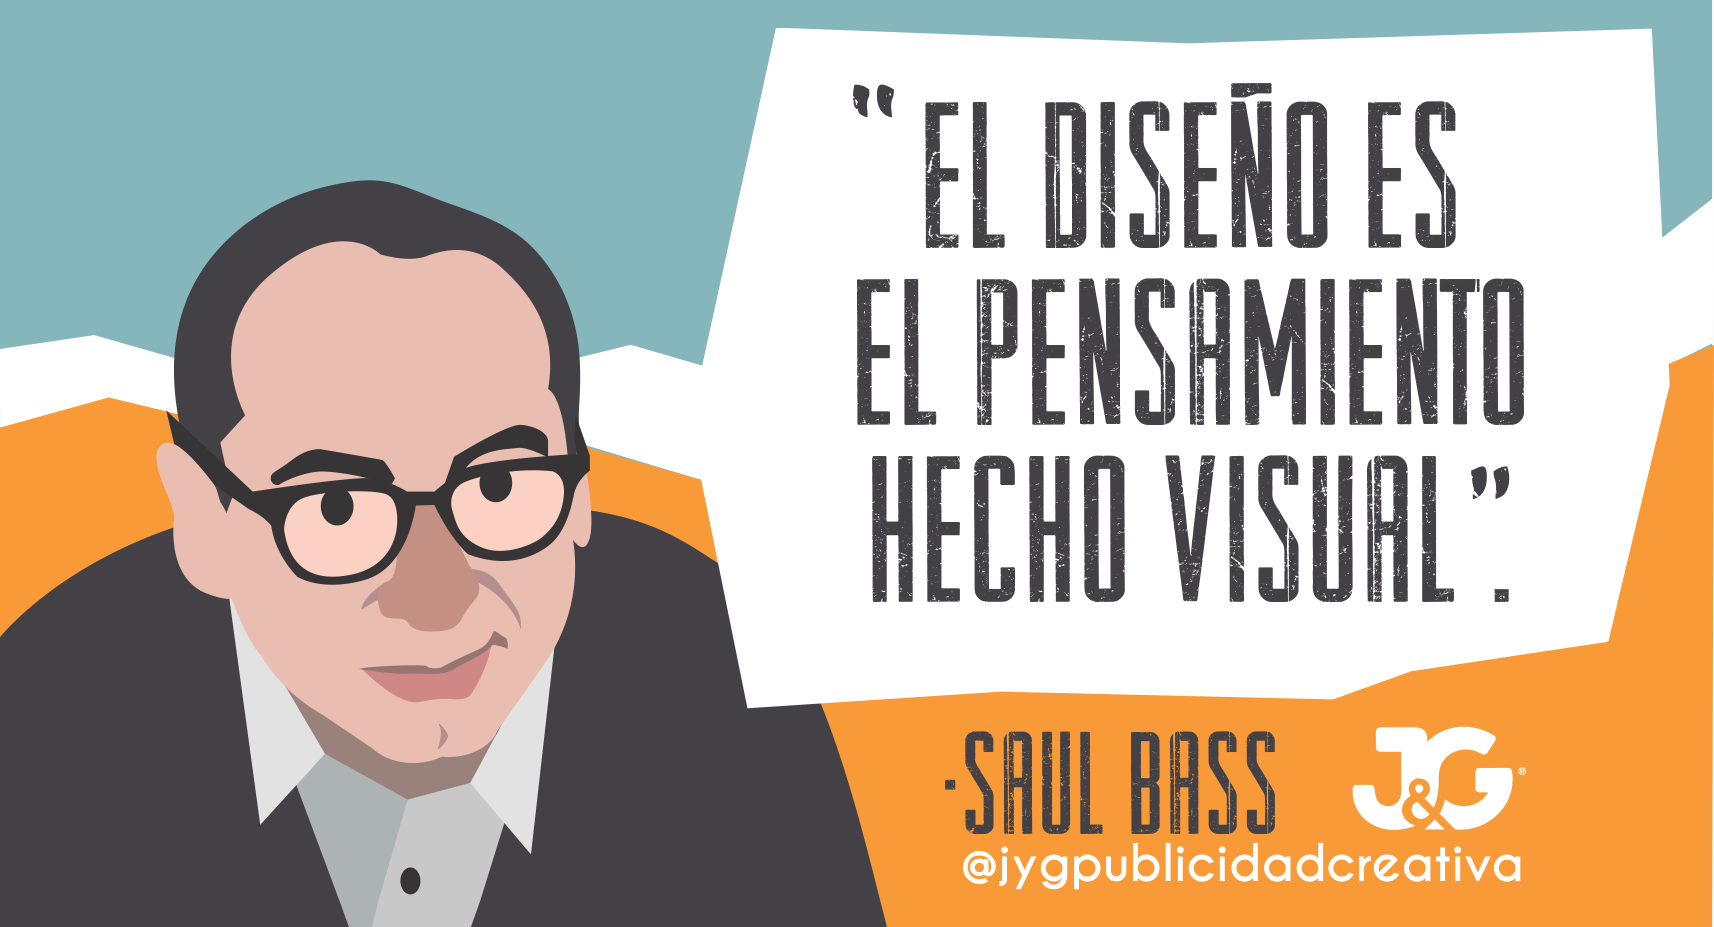 Saul Bass - El diseño es el pensamiento hecho visual